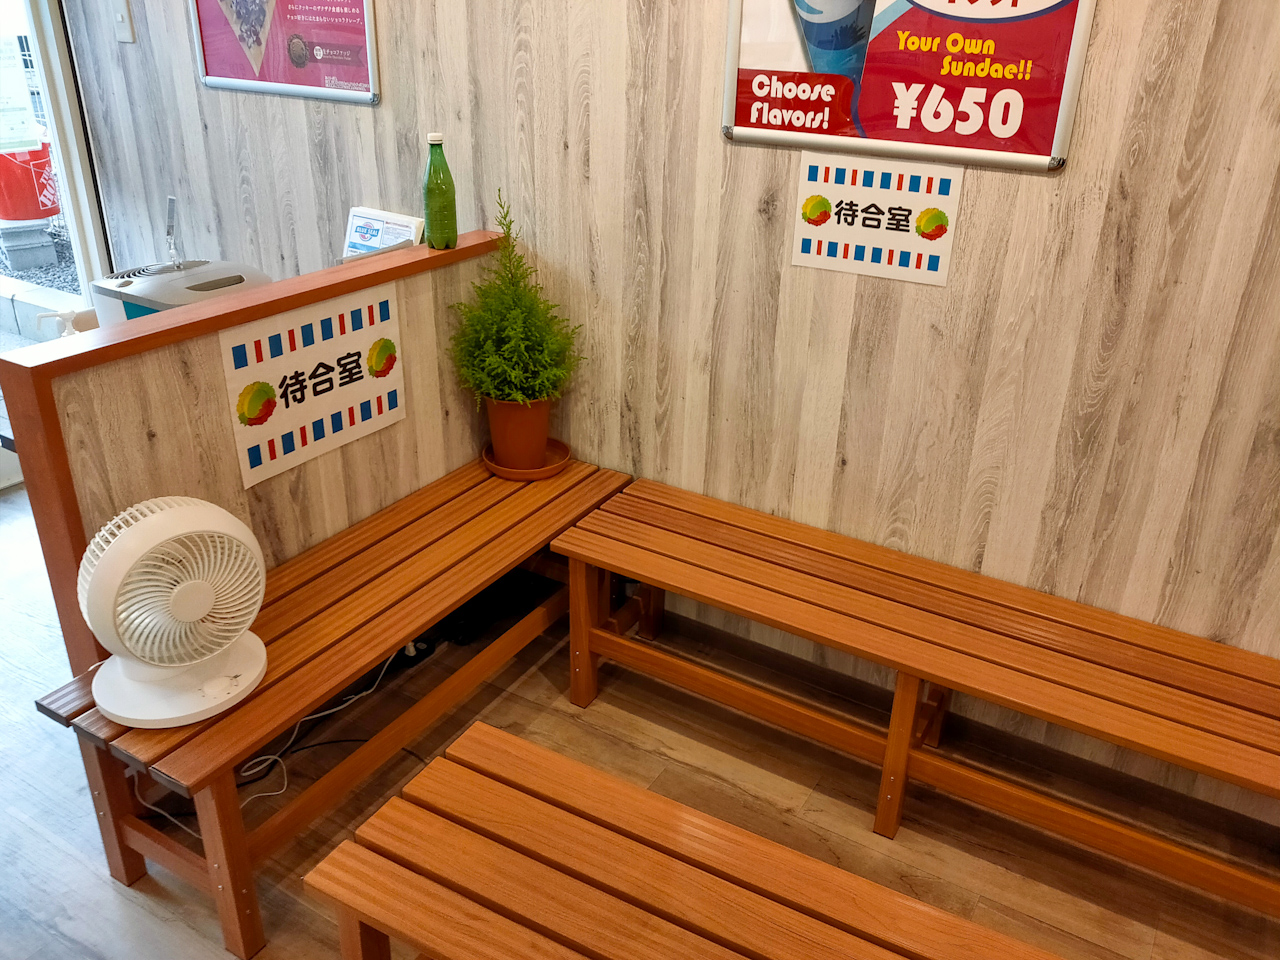 店内には席のほか、待機用の待合室というスペースも設けられています。